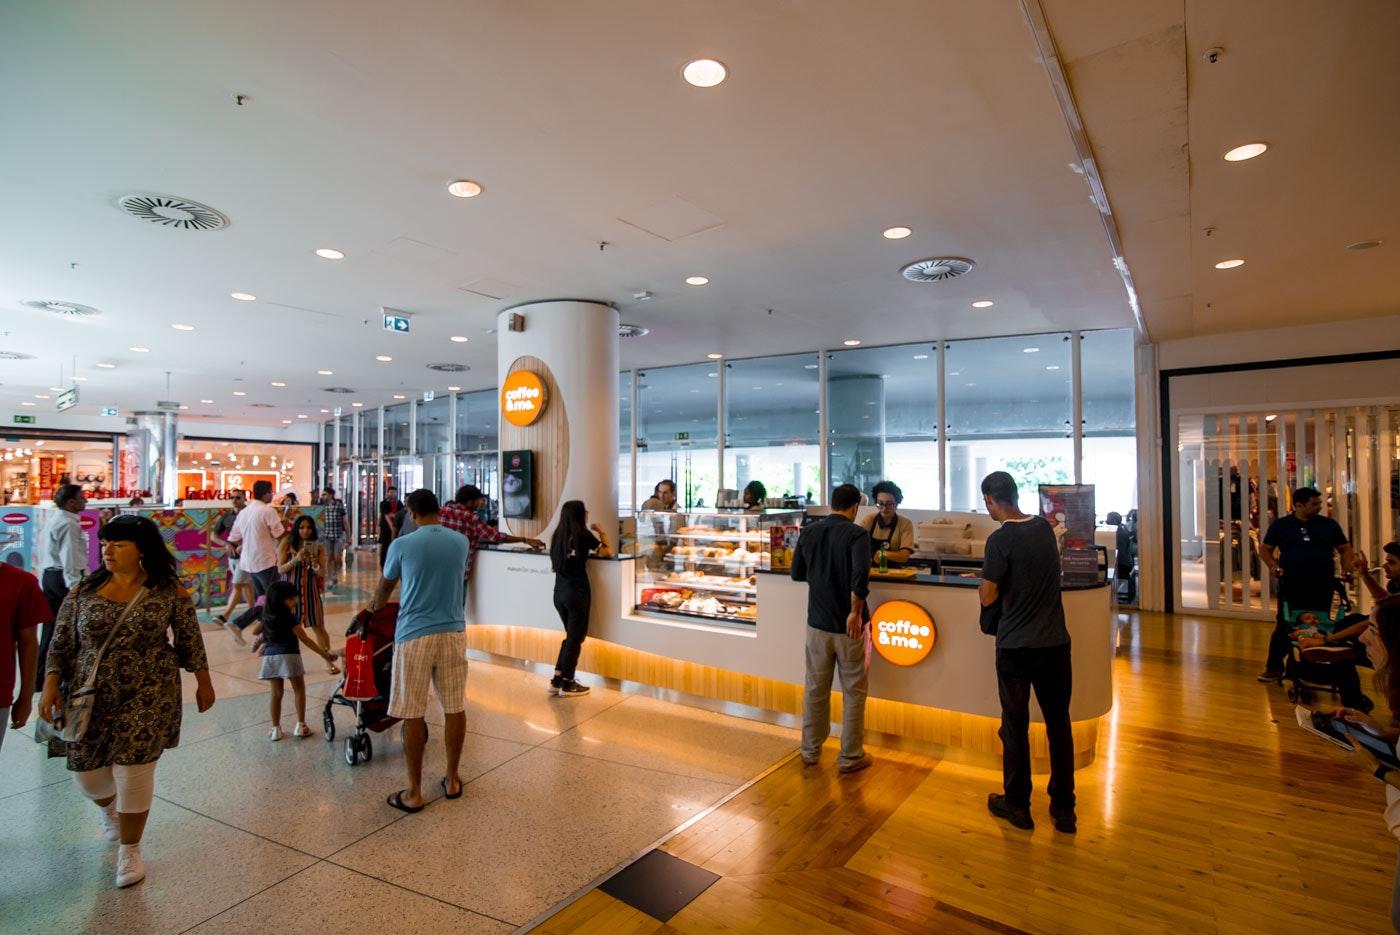 CVG-Quiosque-Café-Centro-Vasco-da-Gama__6